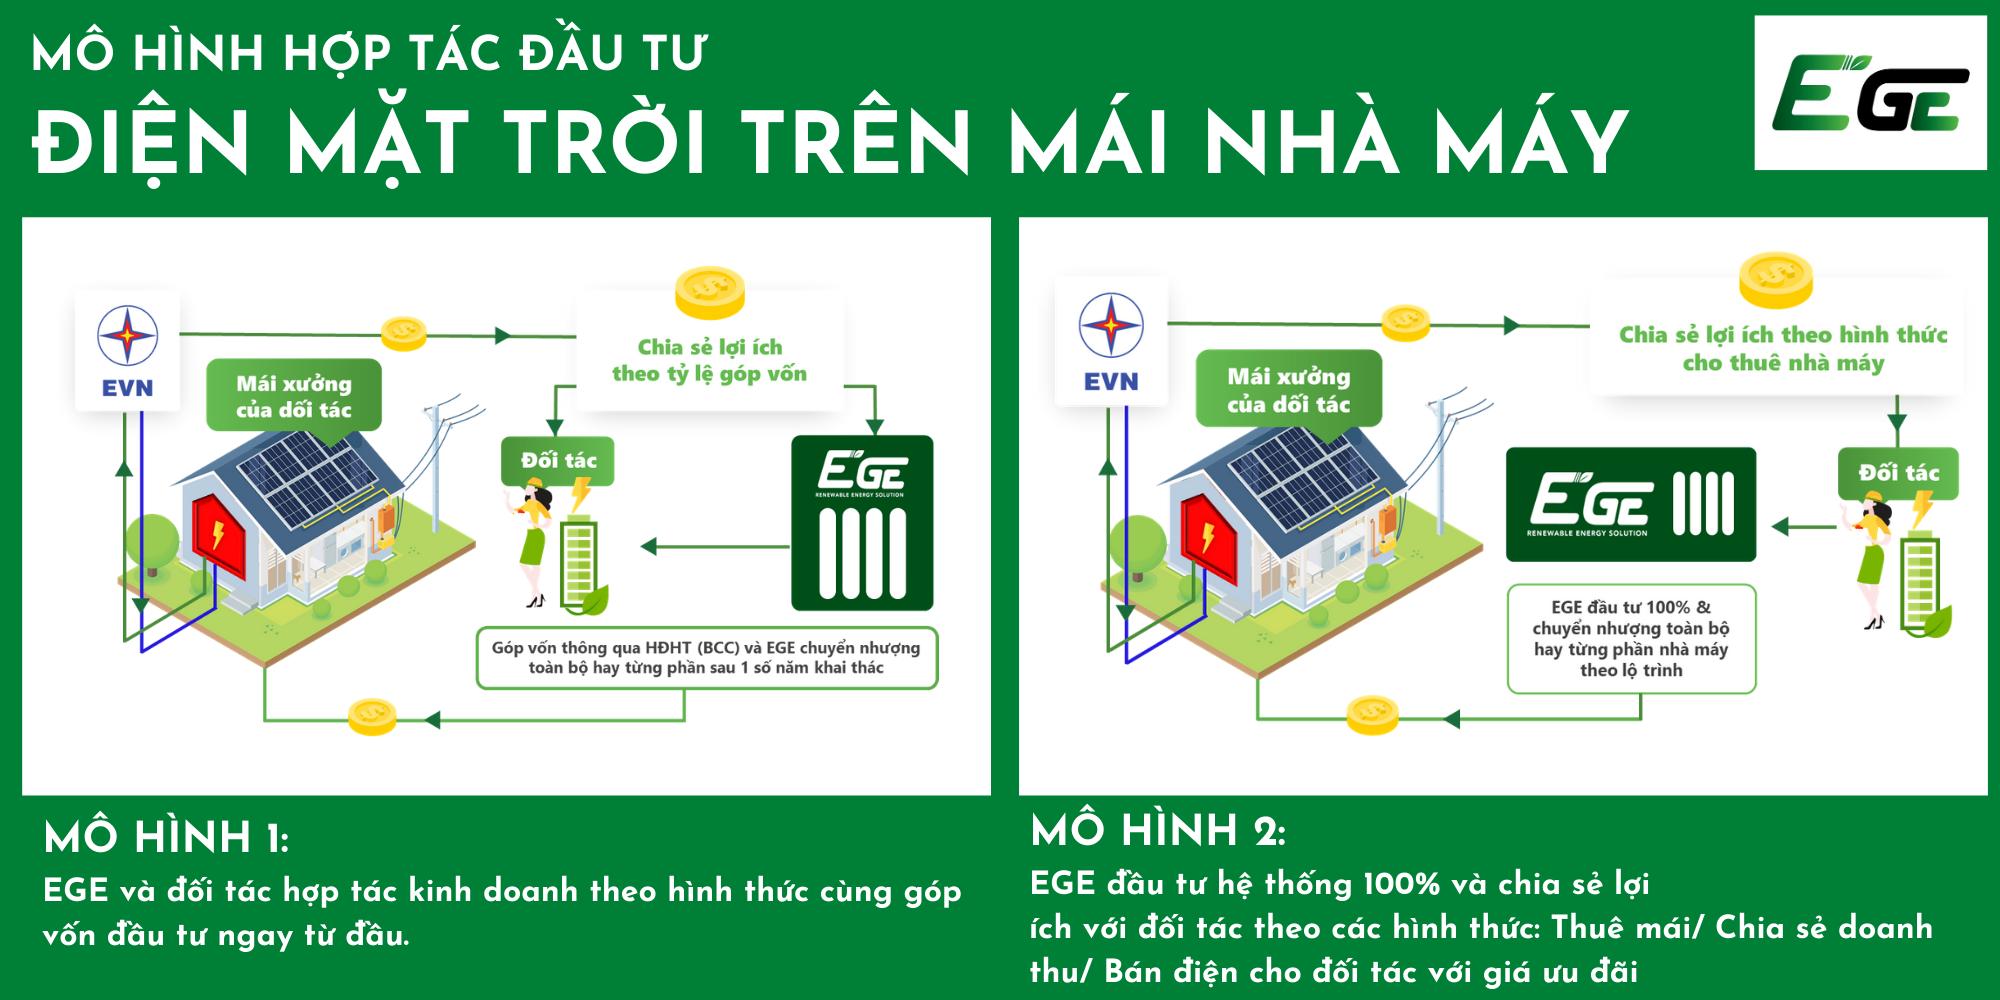 EGE điện mặt trời mái nhà máy mô hình